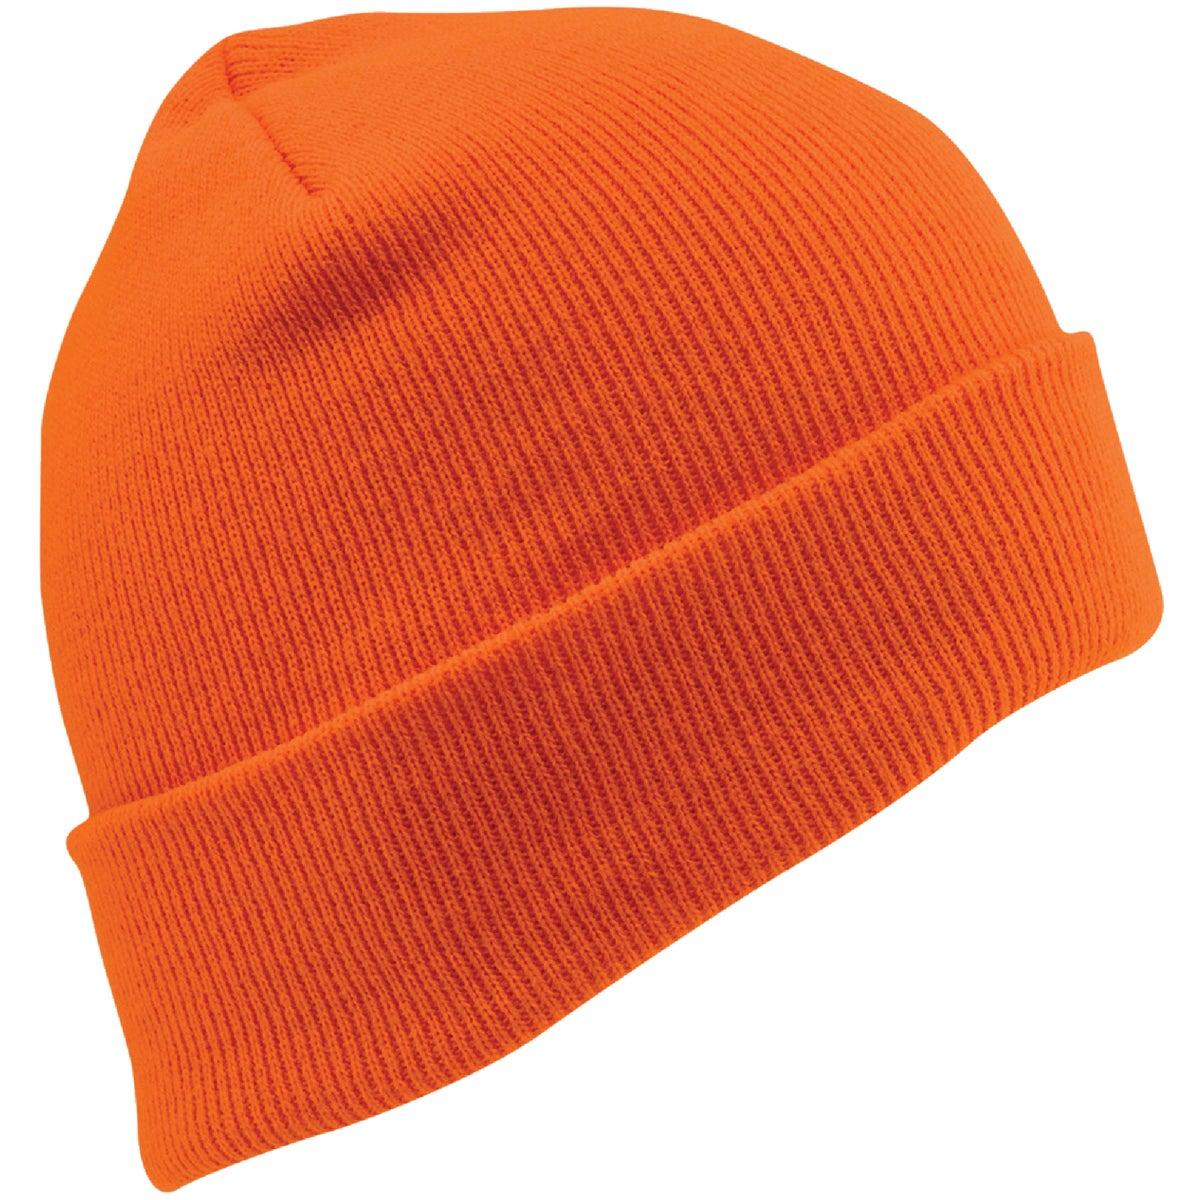 BLAZE ORANGE 1017 CAP